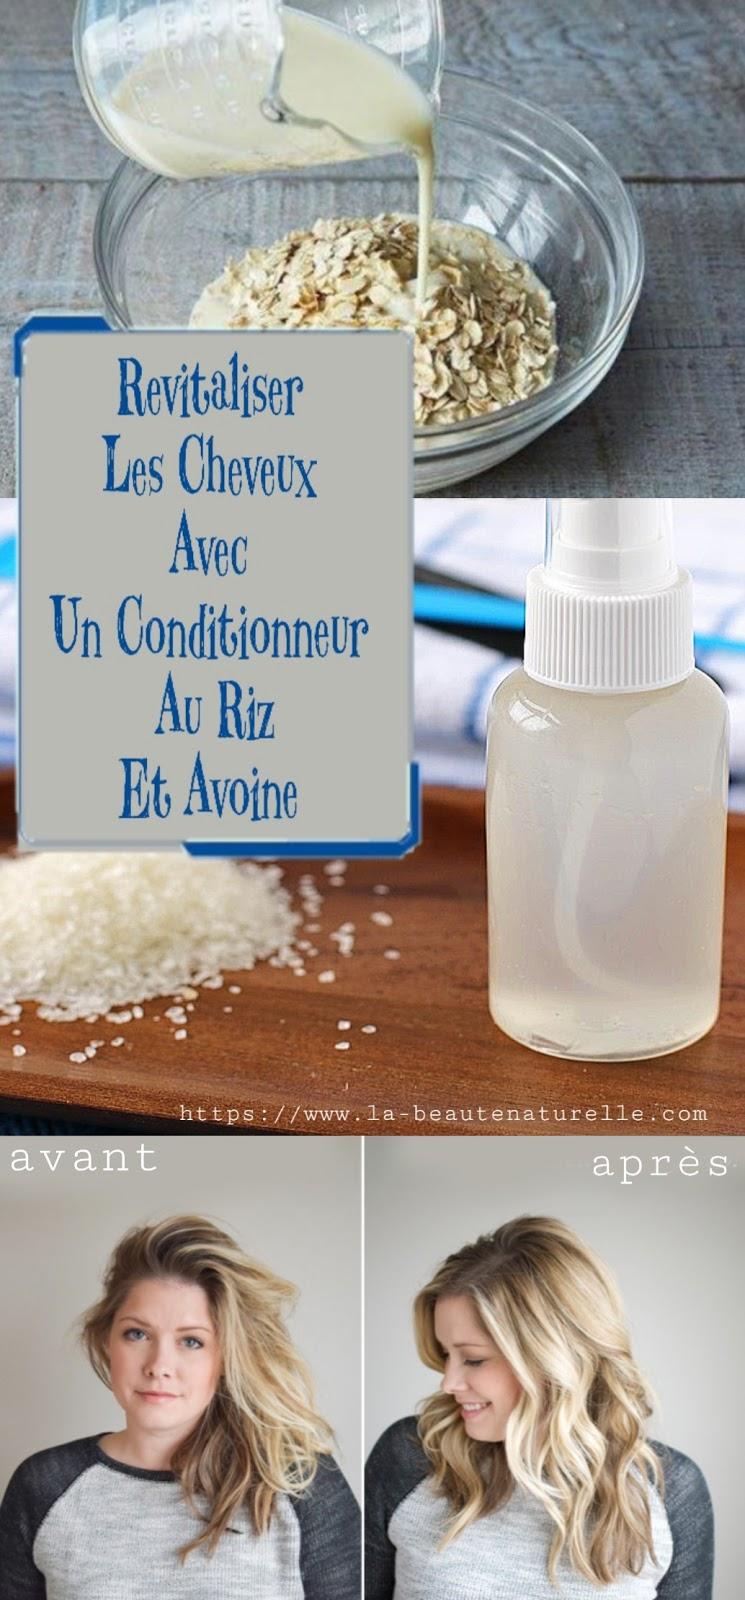 Revitaliser Les Cheveux Avec Un Conditionneur Au Riz Et Avoine